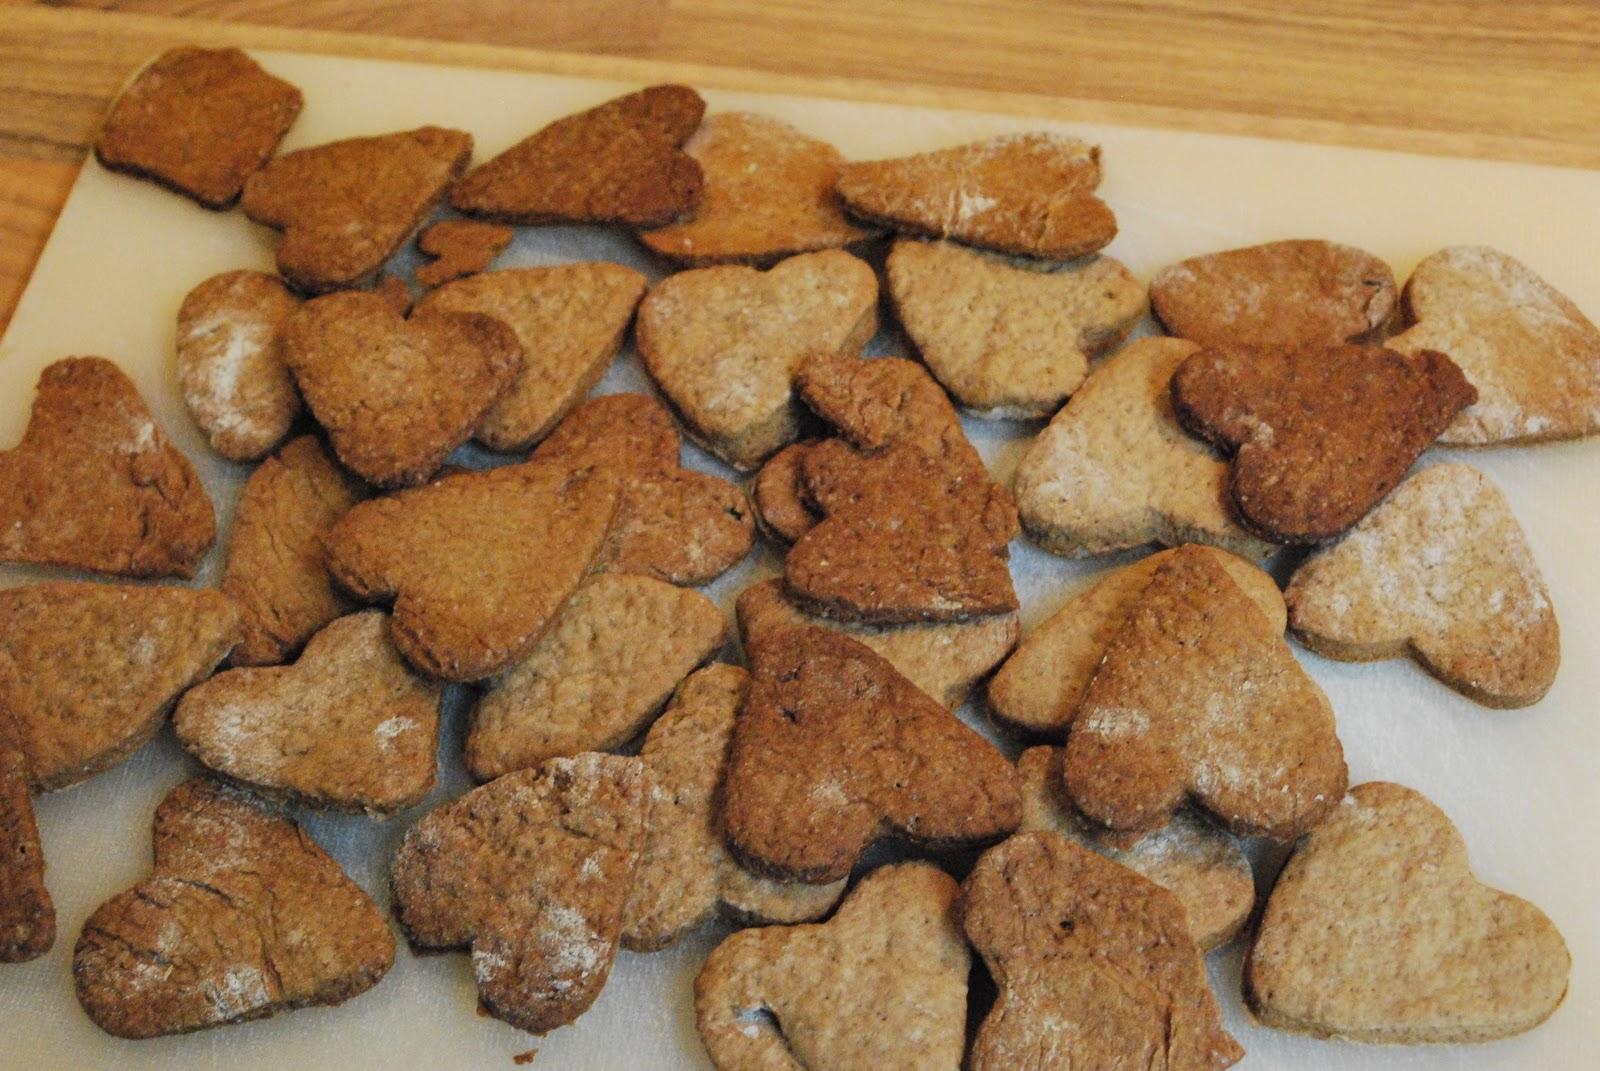 koekjes bakken met bruine basterdsuiker